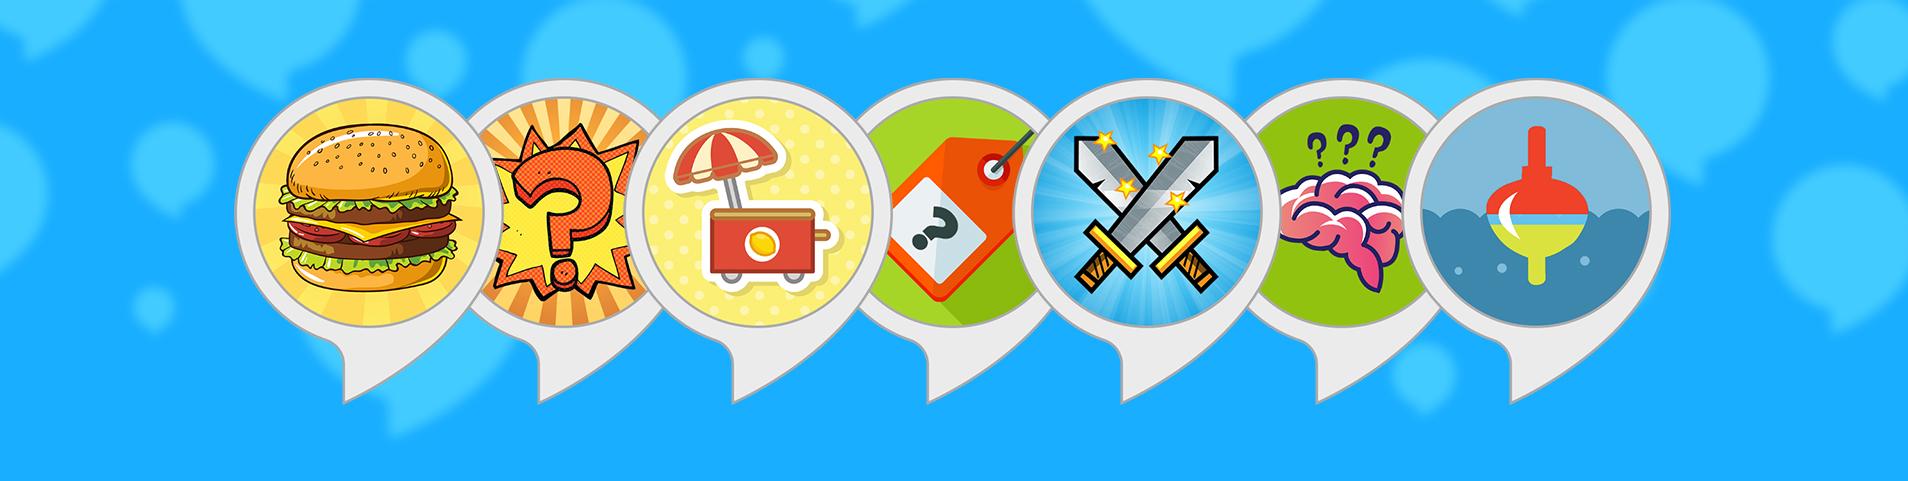 Mit Voice Games und In-Skill-Purchasing zum Erfolg: Tipps vom Entwickler-Startup Krögoor